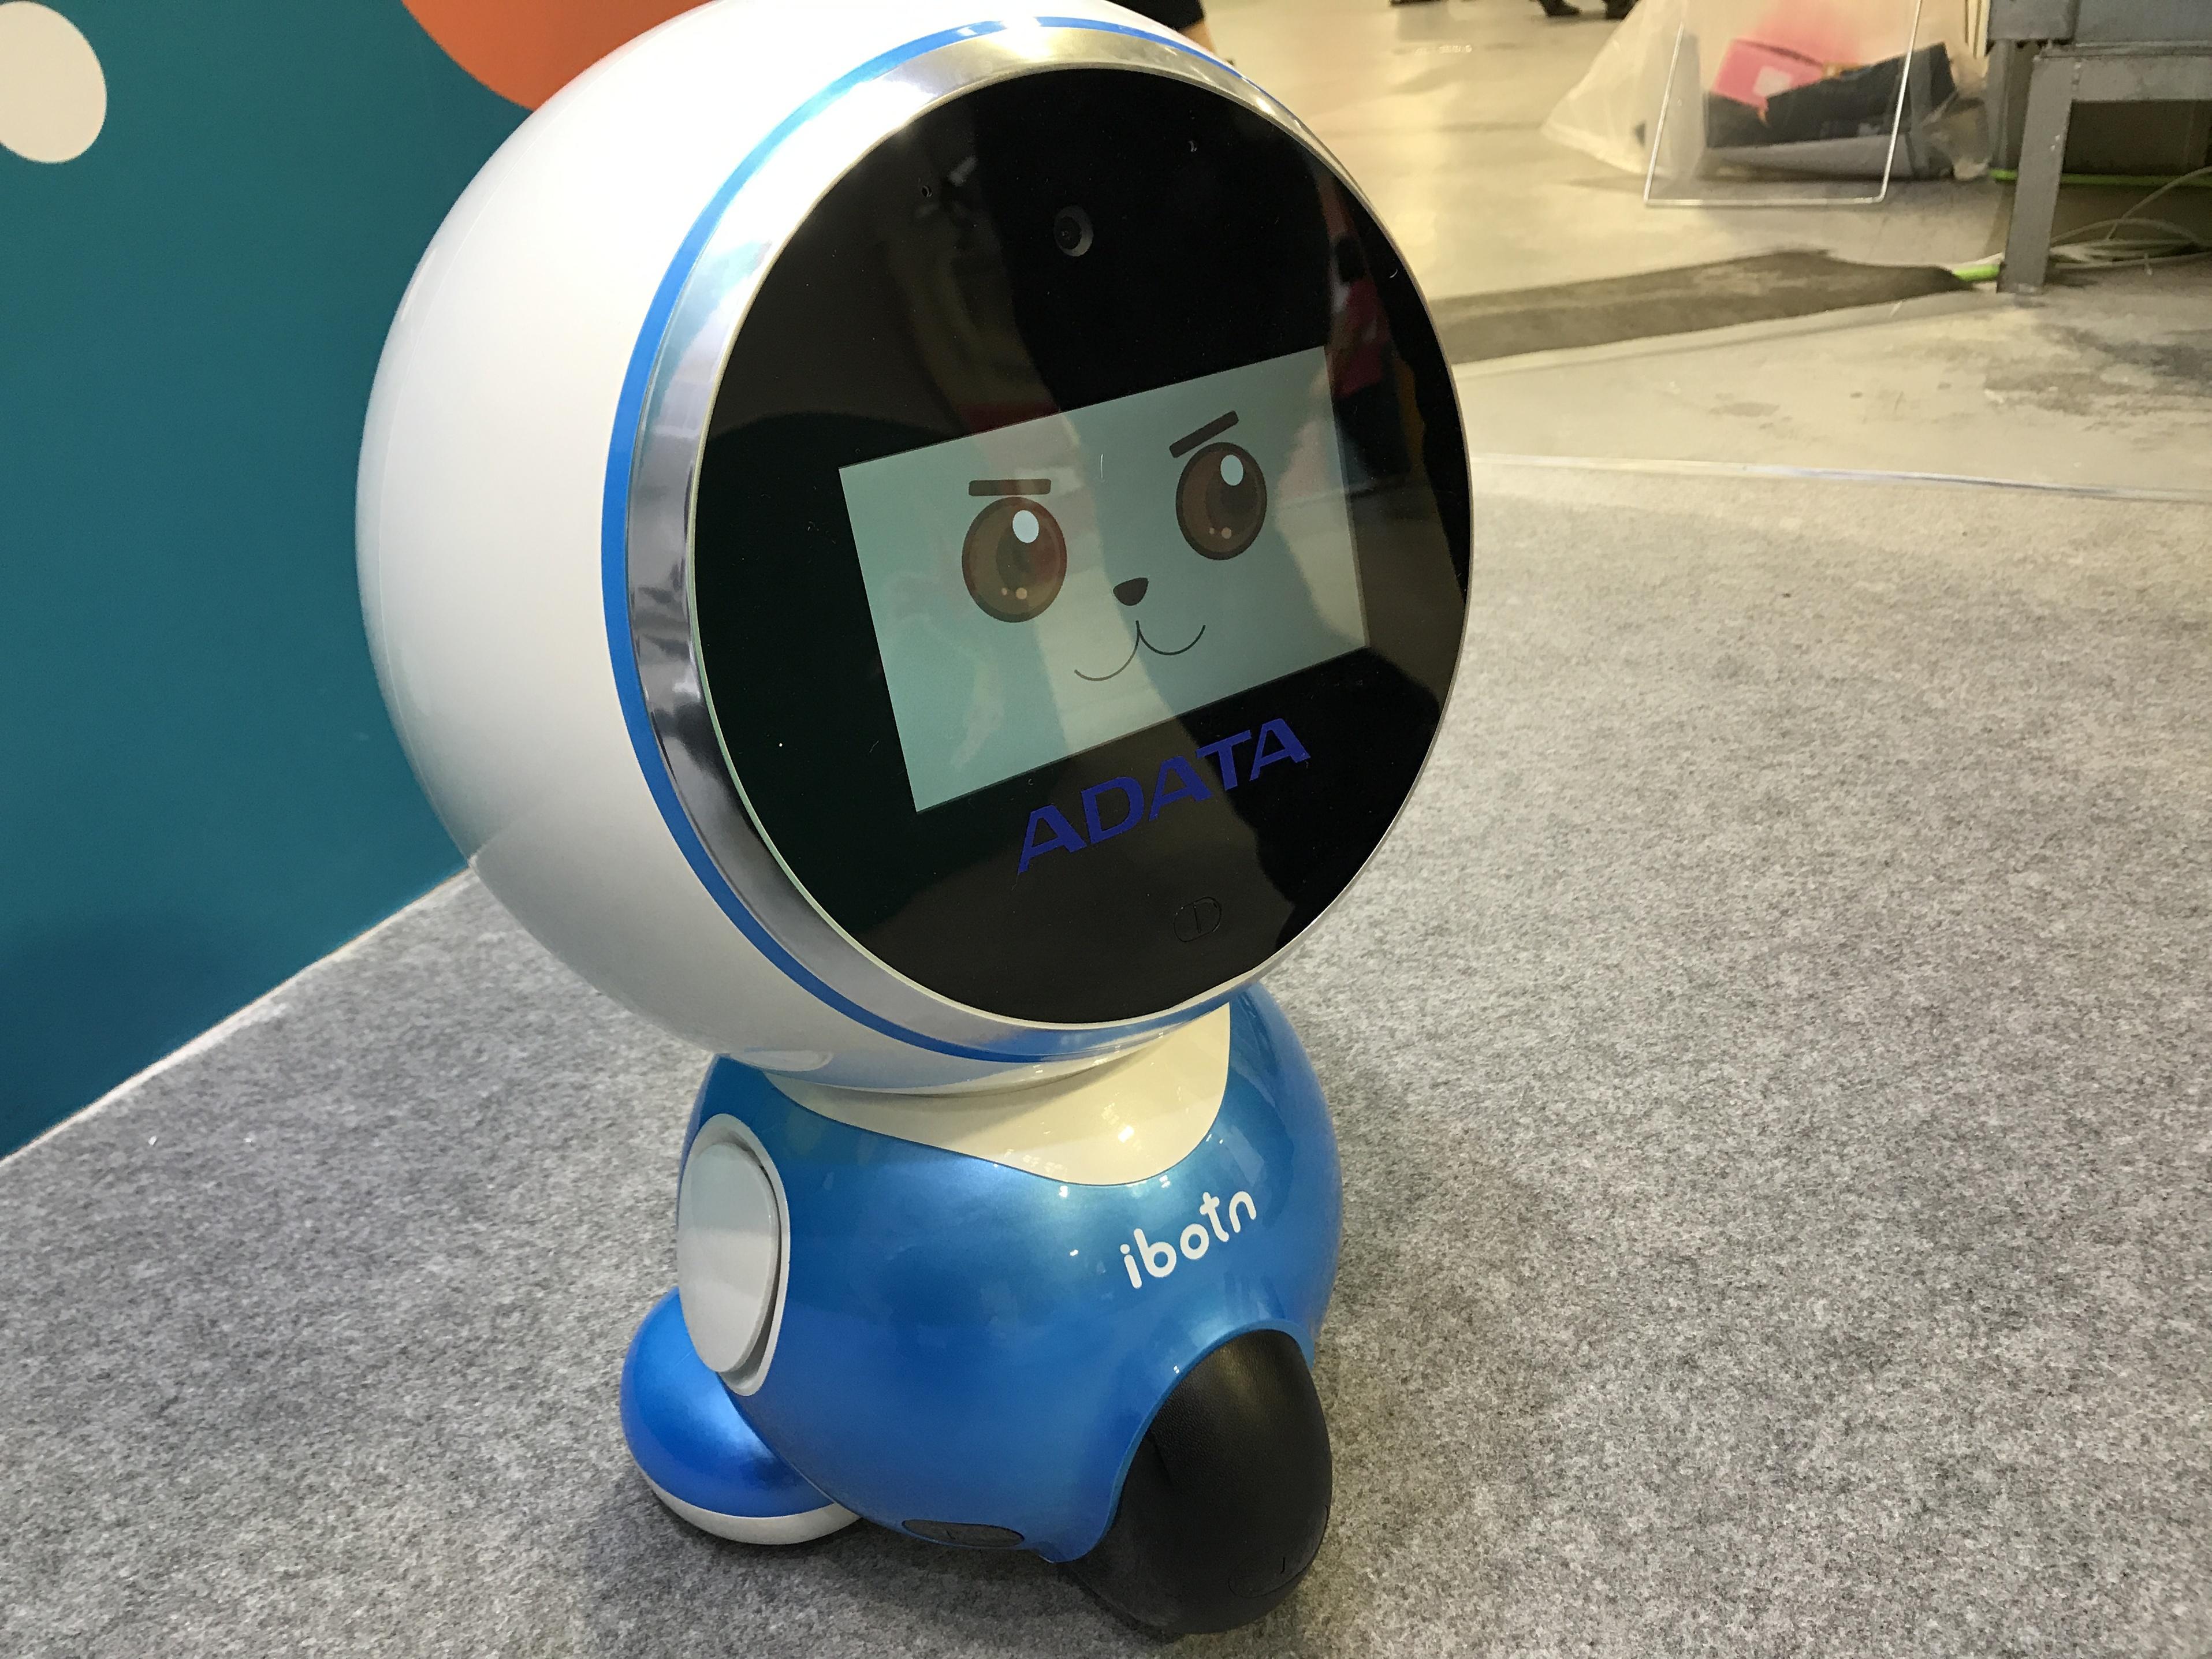 未來商務展》機器人正熱,服務型、居家型挑戰真人服務